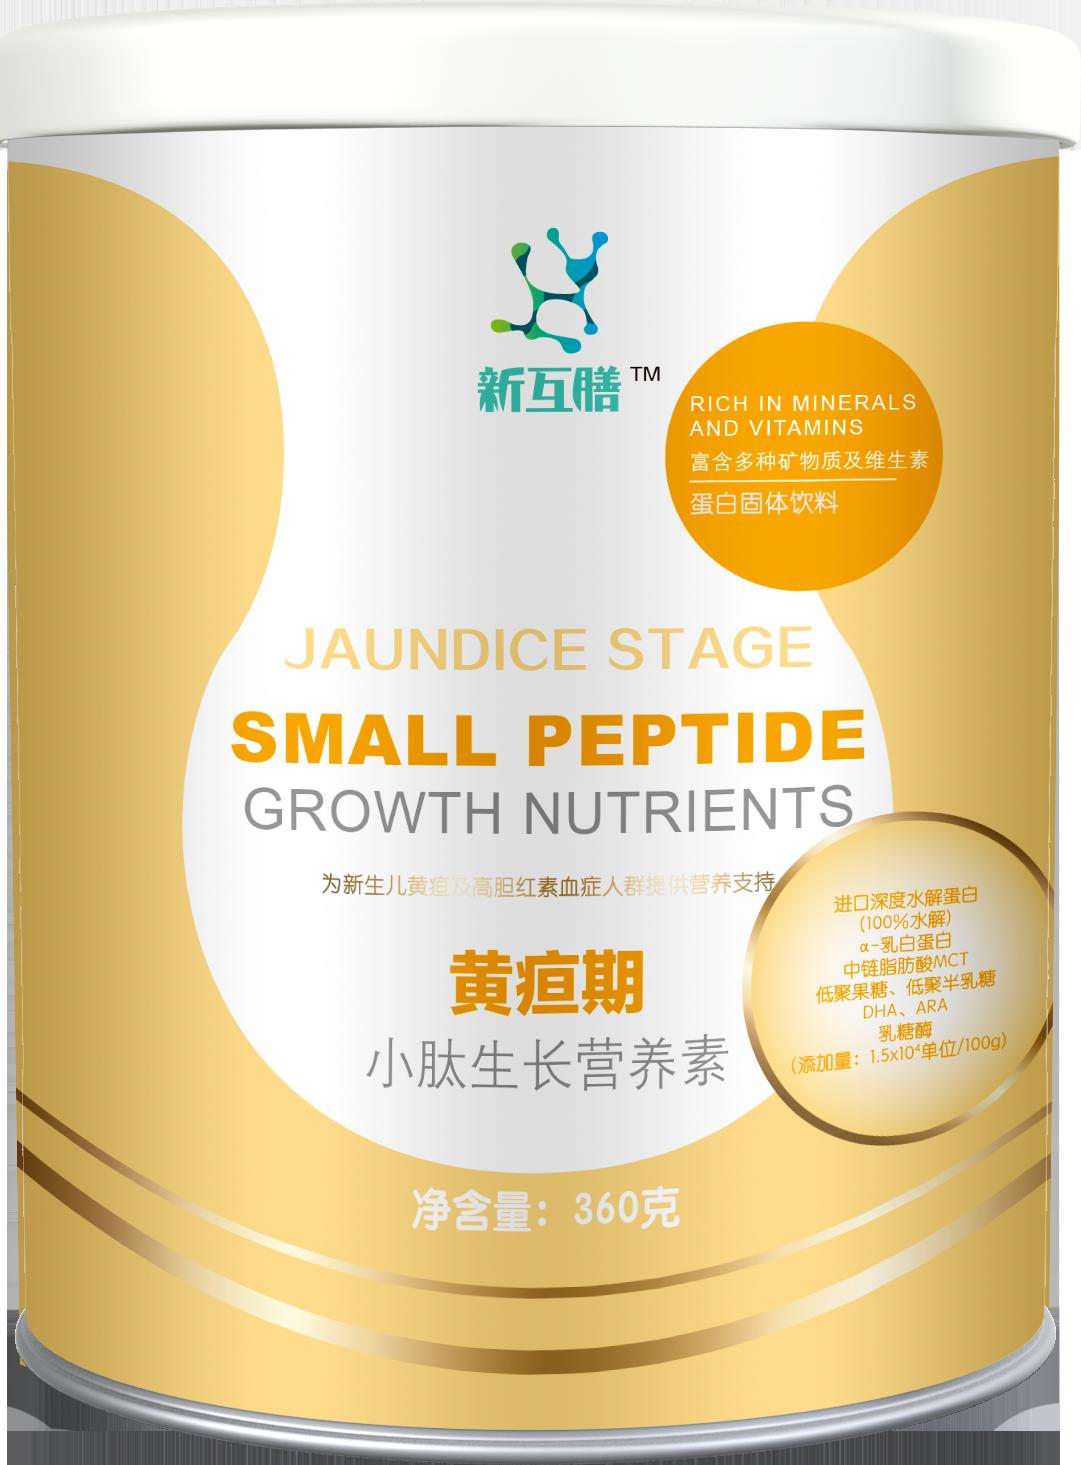 新互膳—黄疸期小肽营养素